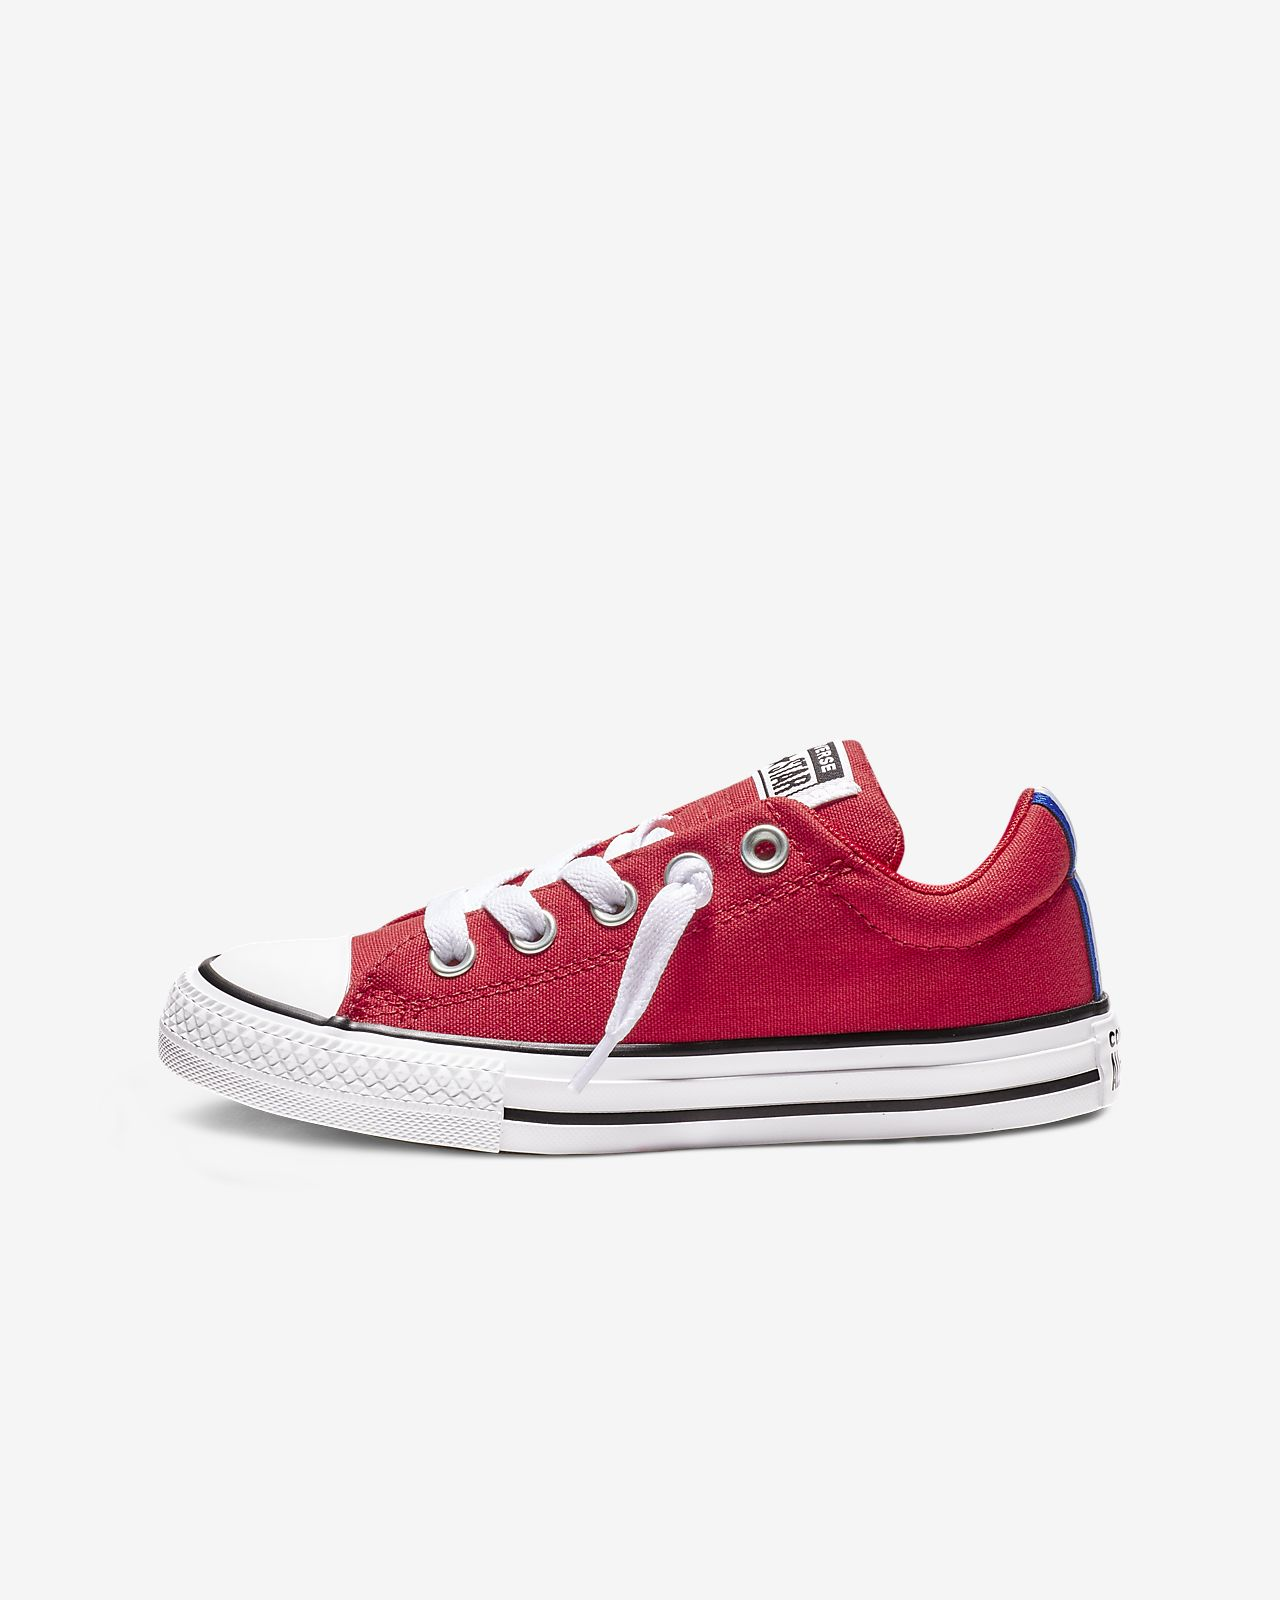 Chuck Taylor All Star Street Slip Big Kids Shoe